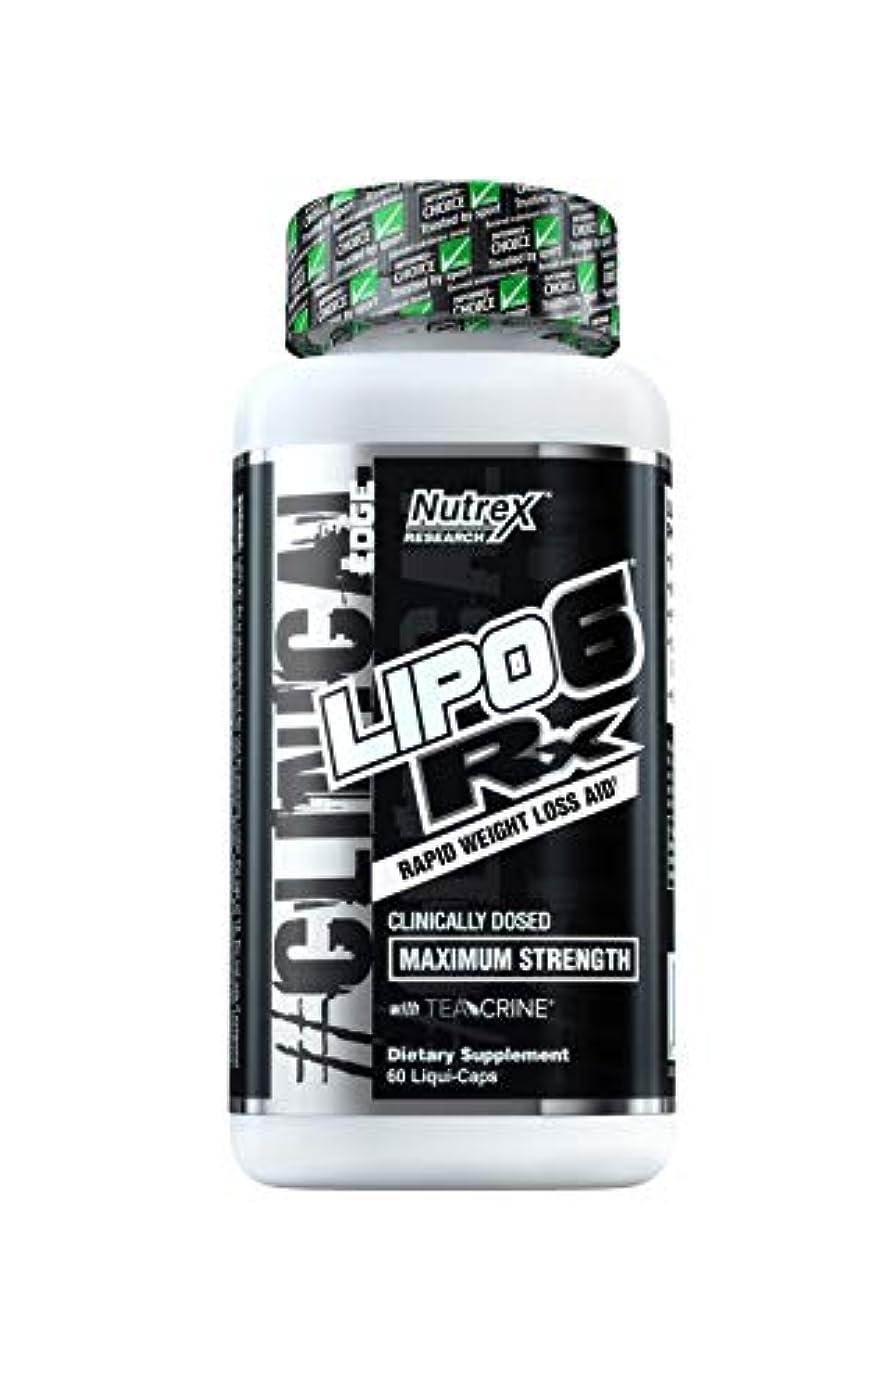 過ち乱用好意的Lipo 6.(リポ6)RX Rapid Weight Loss Aid Maximum Strength 60 Liqui-Caps